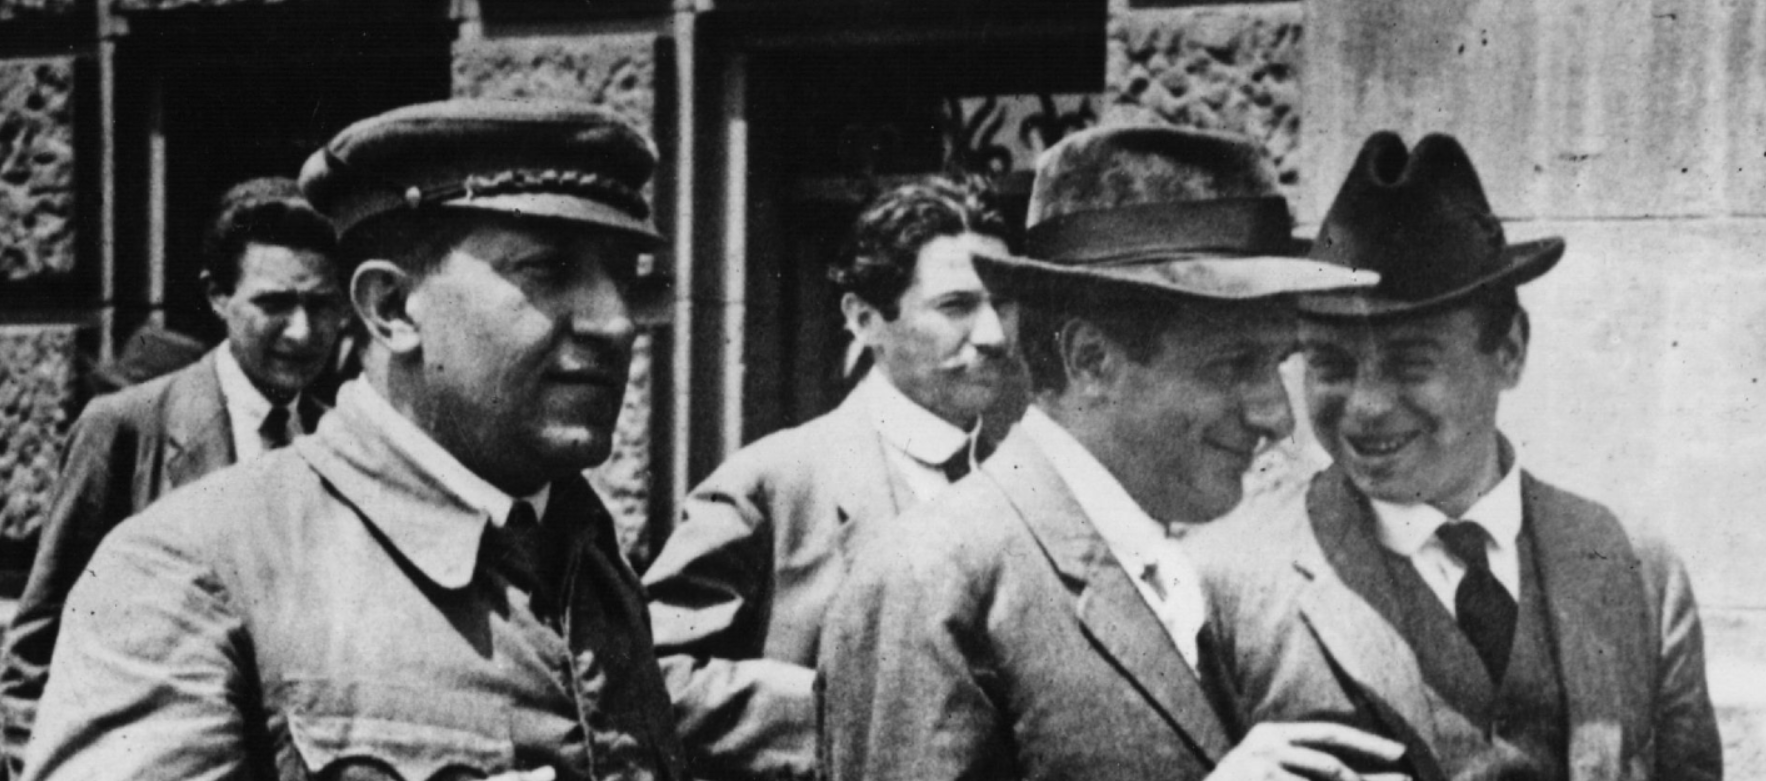 Pogány József,Kunfi Zsigmond és Kun Béla /Fotó: Getty I.